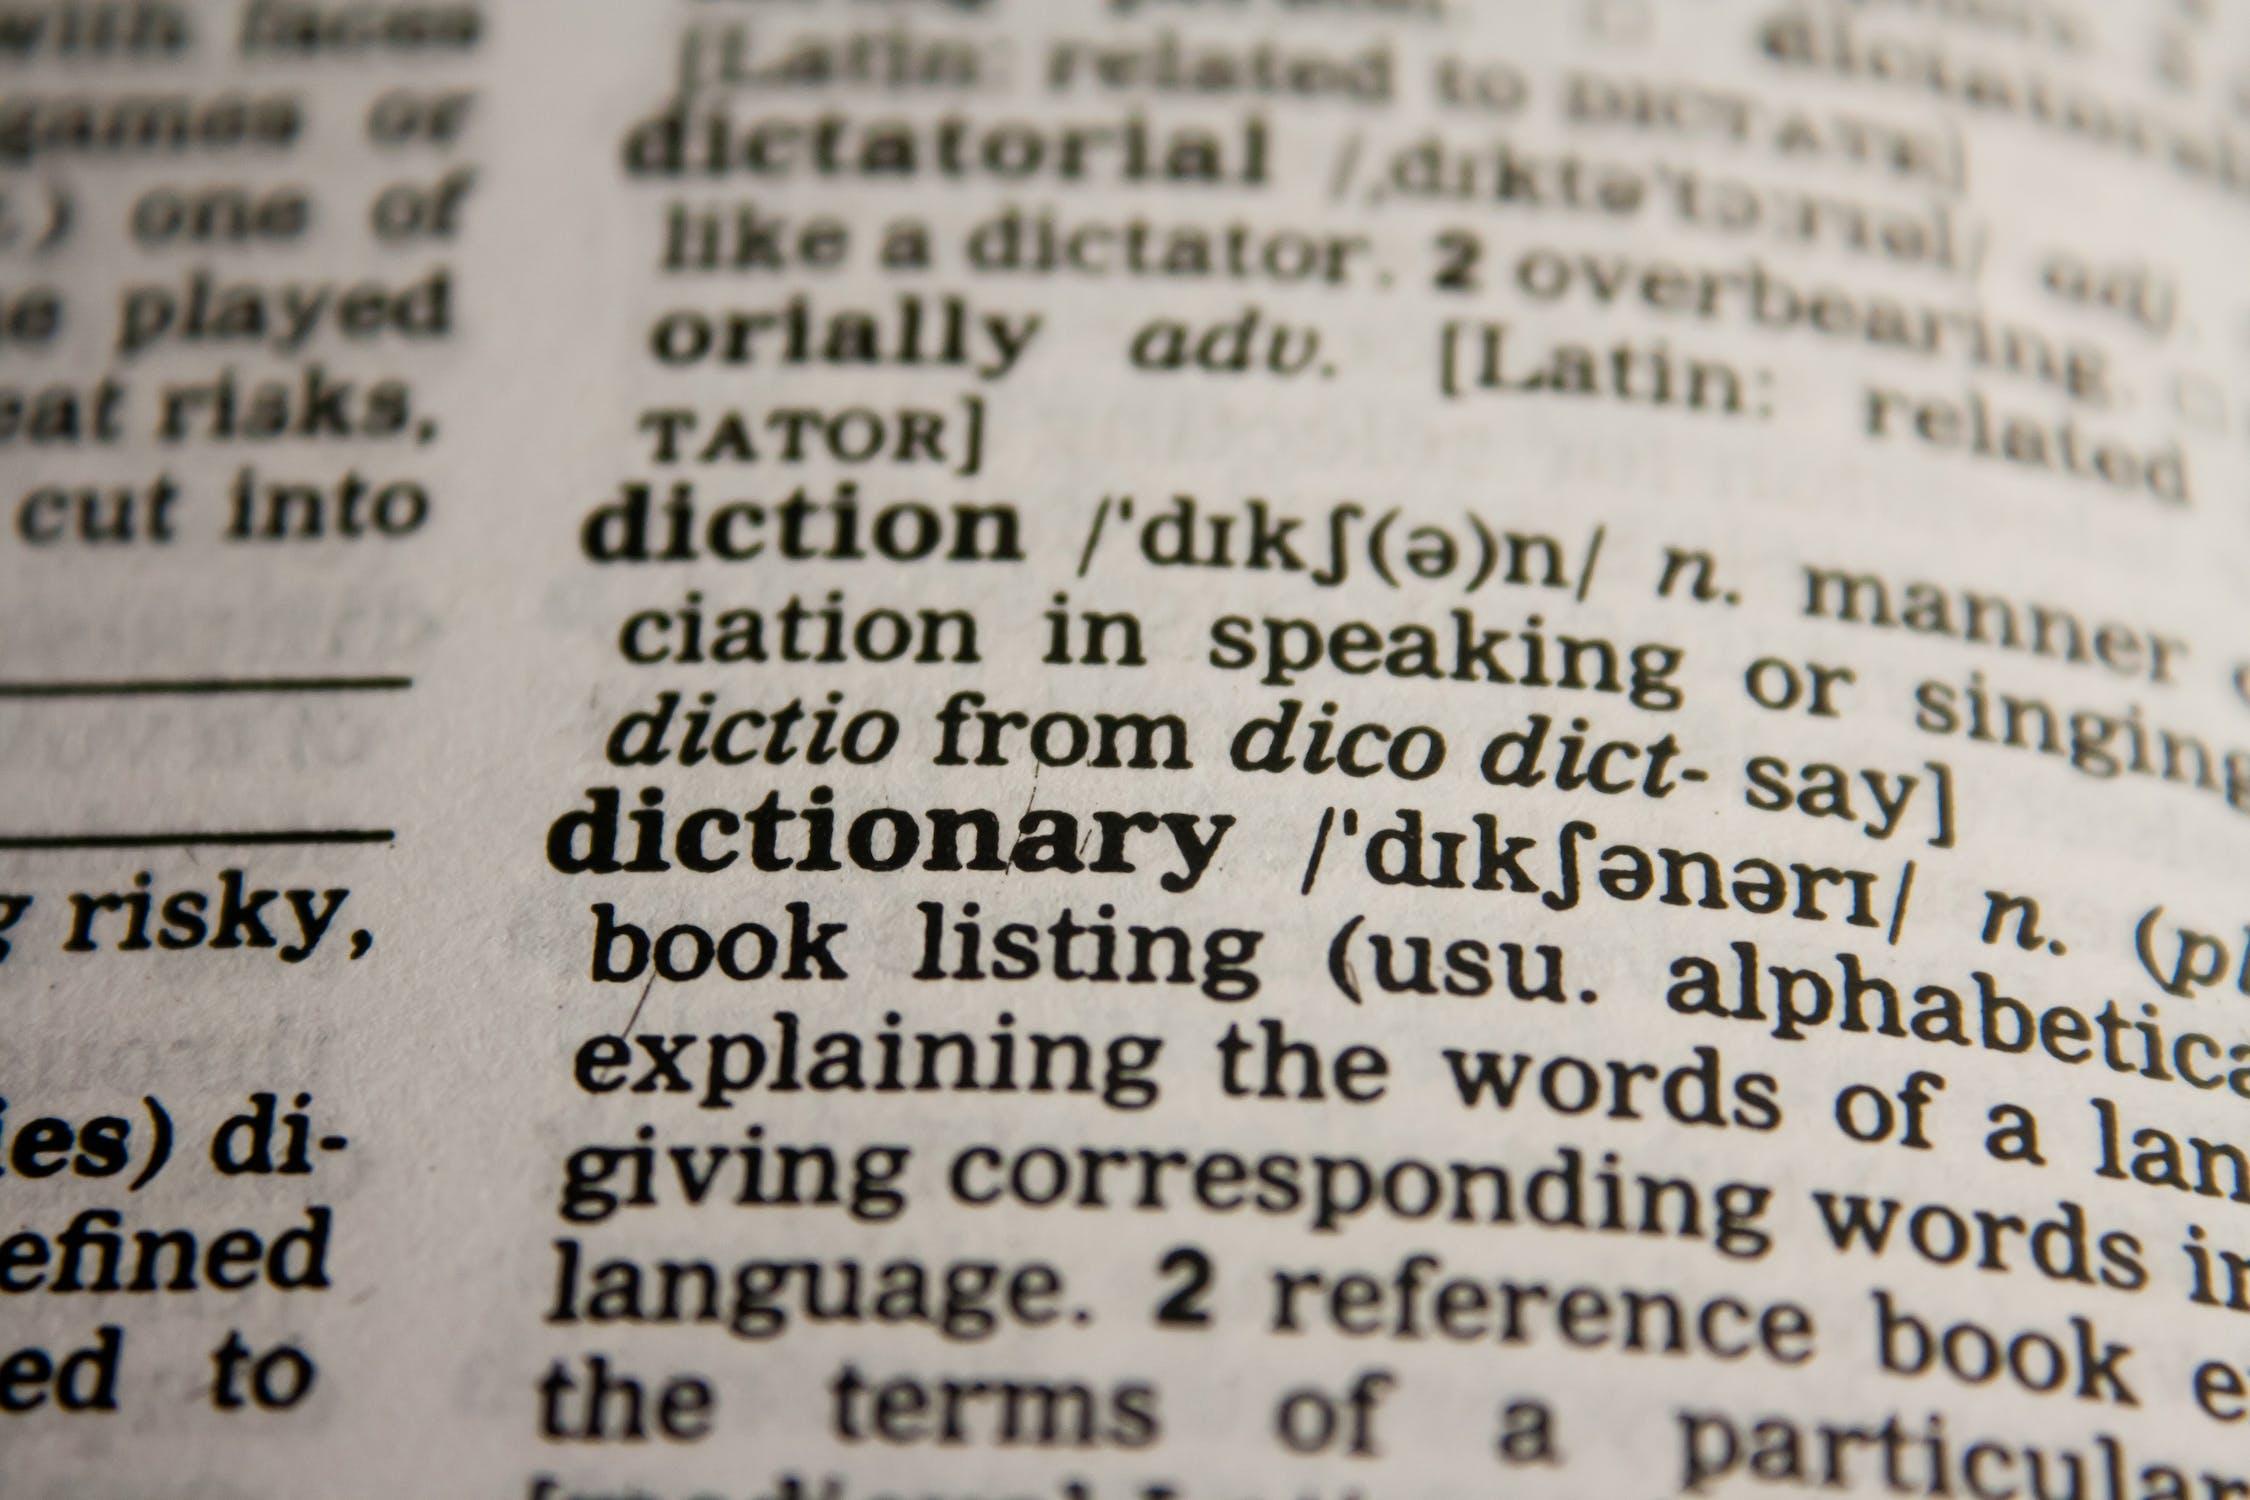 現代文の基礎を固めるための勉強法は読解力をつけること